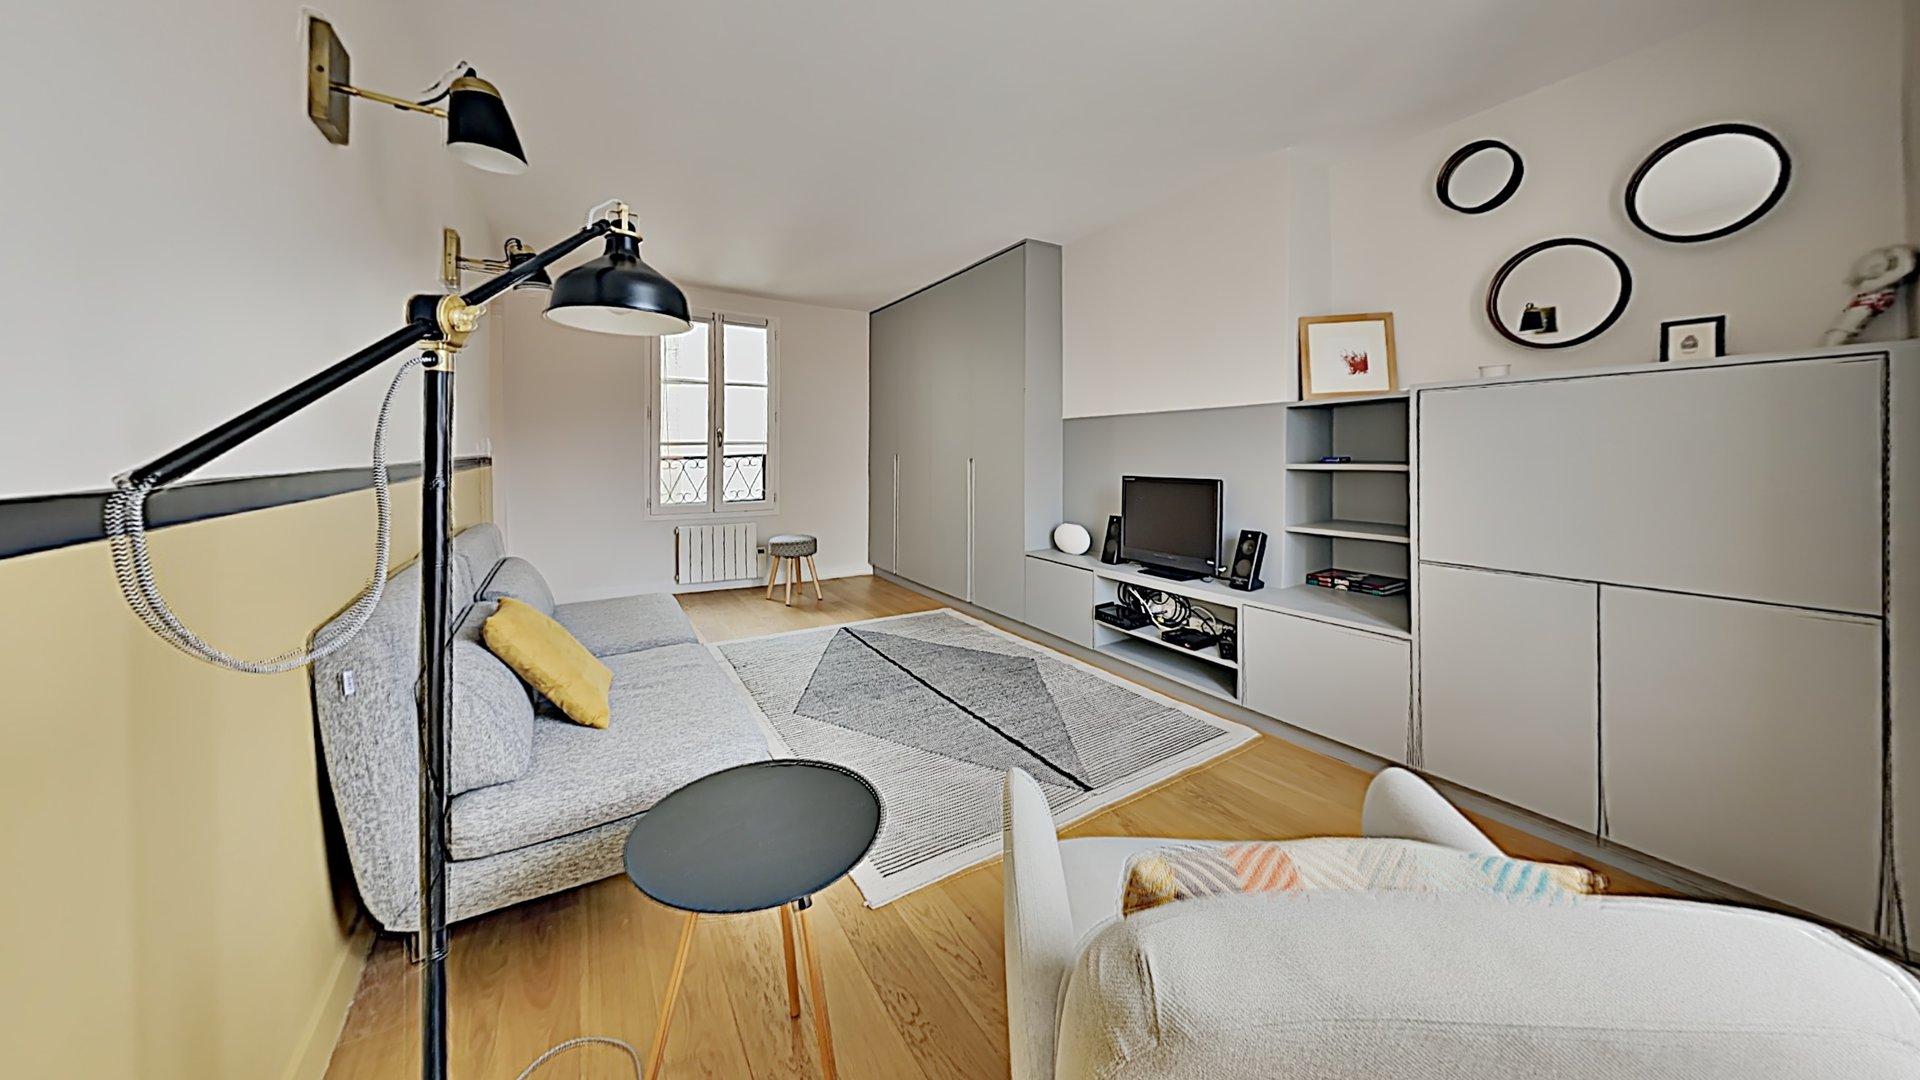 Appartement parisien équipé, proche métro